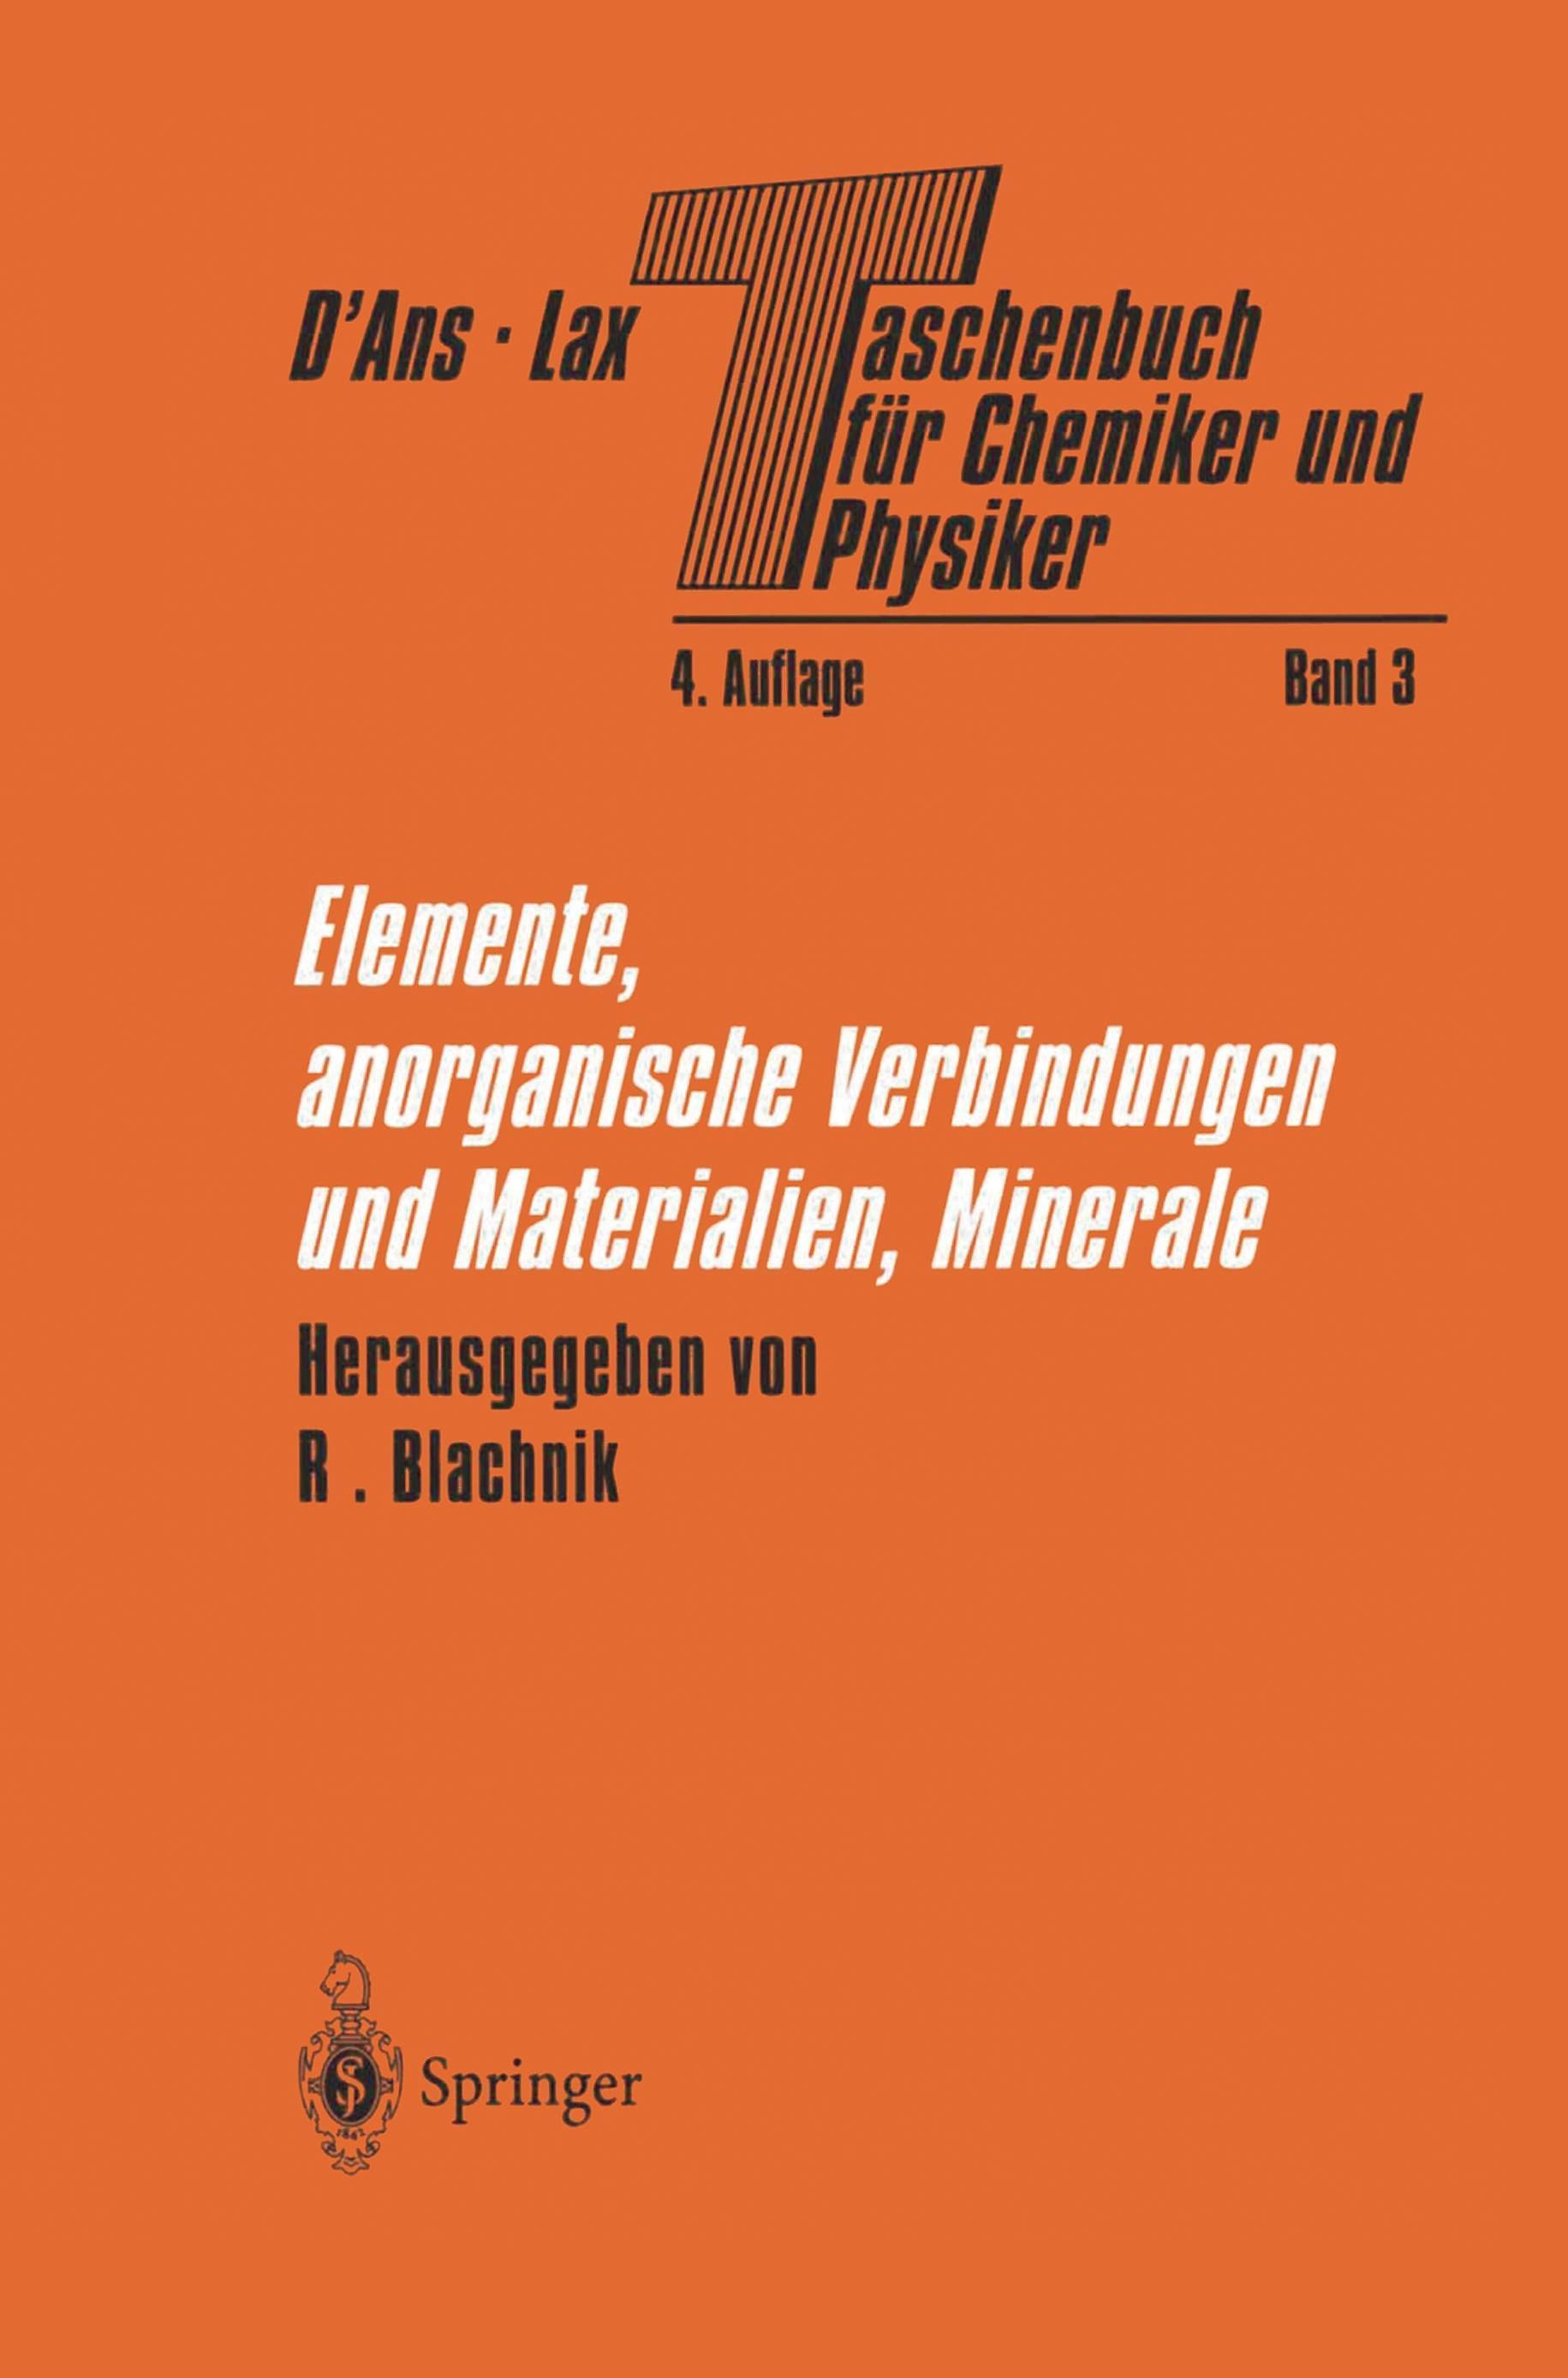 Taschenbuch Für Chemiker Und Physiker 3 Teile Buch